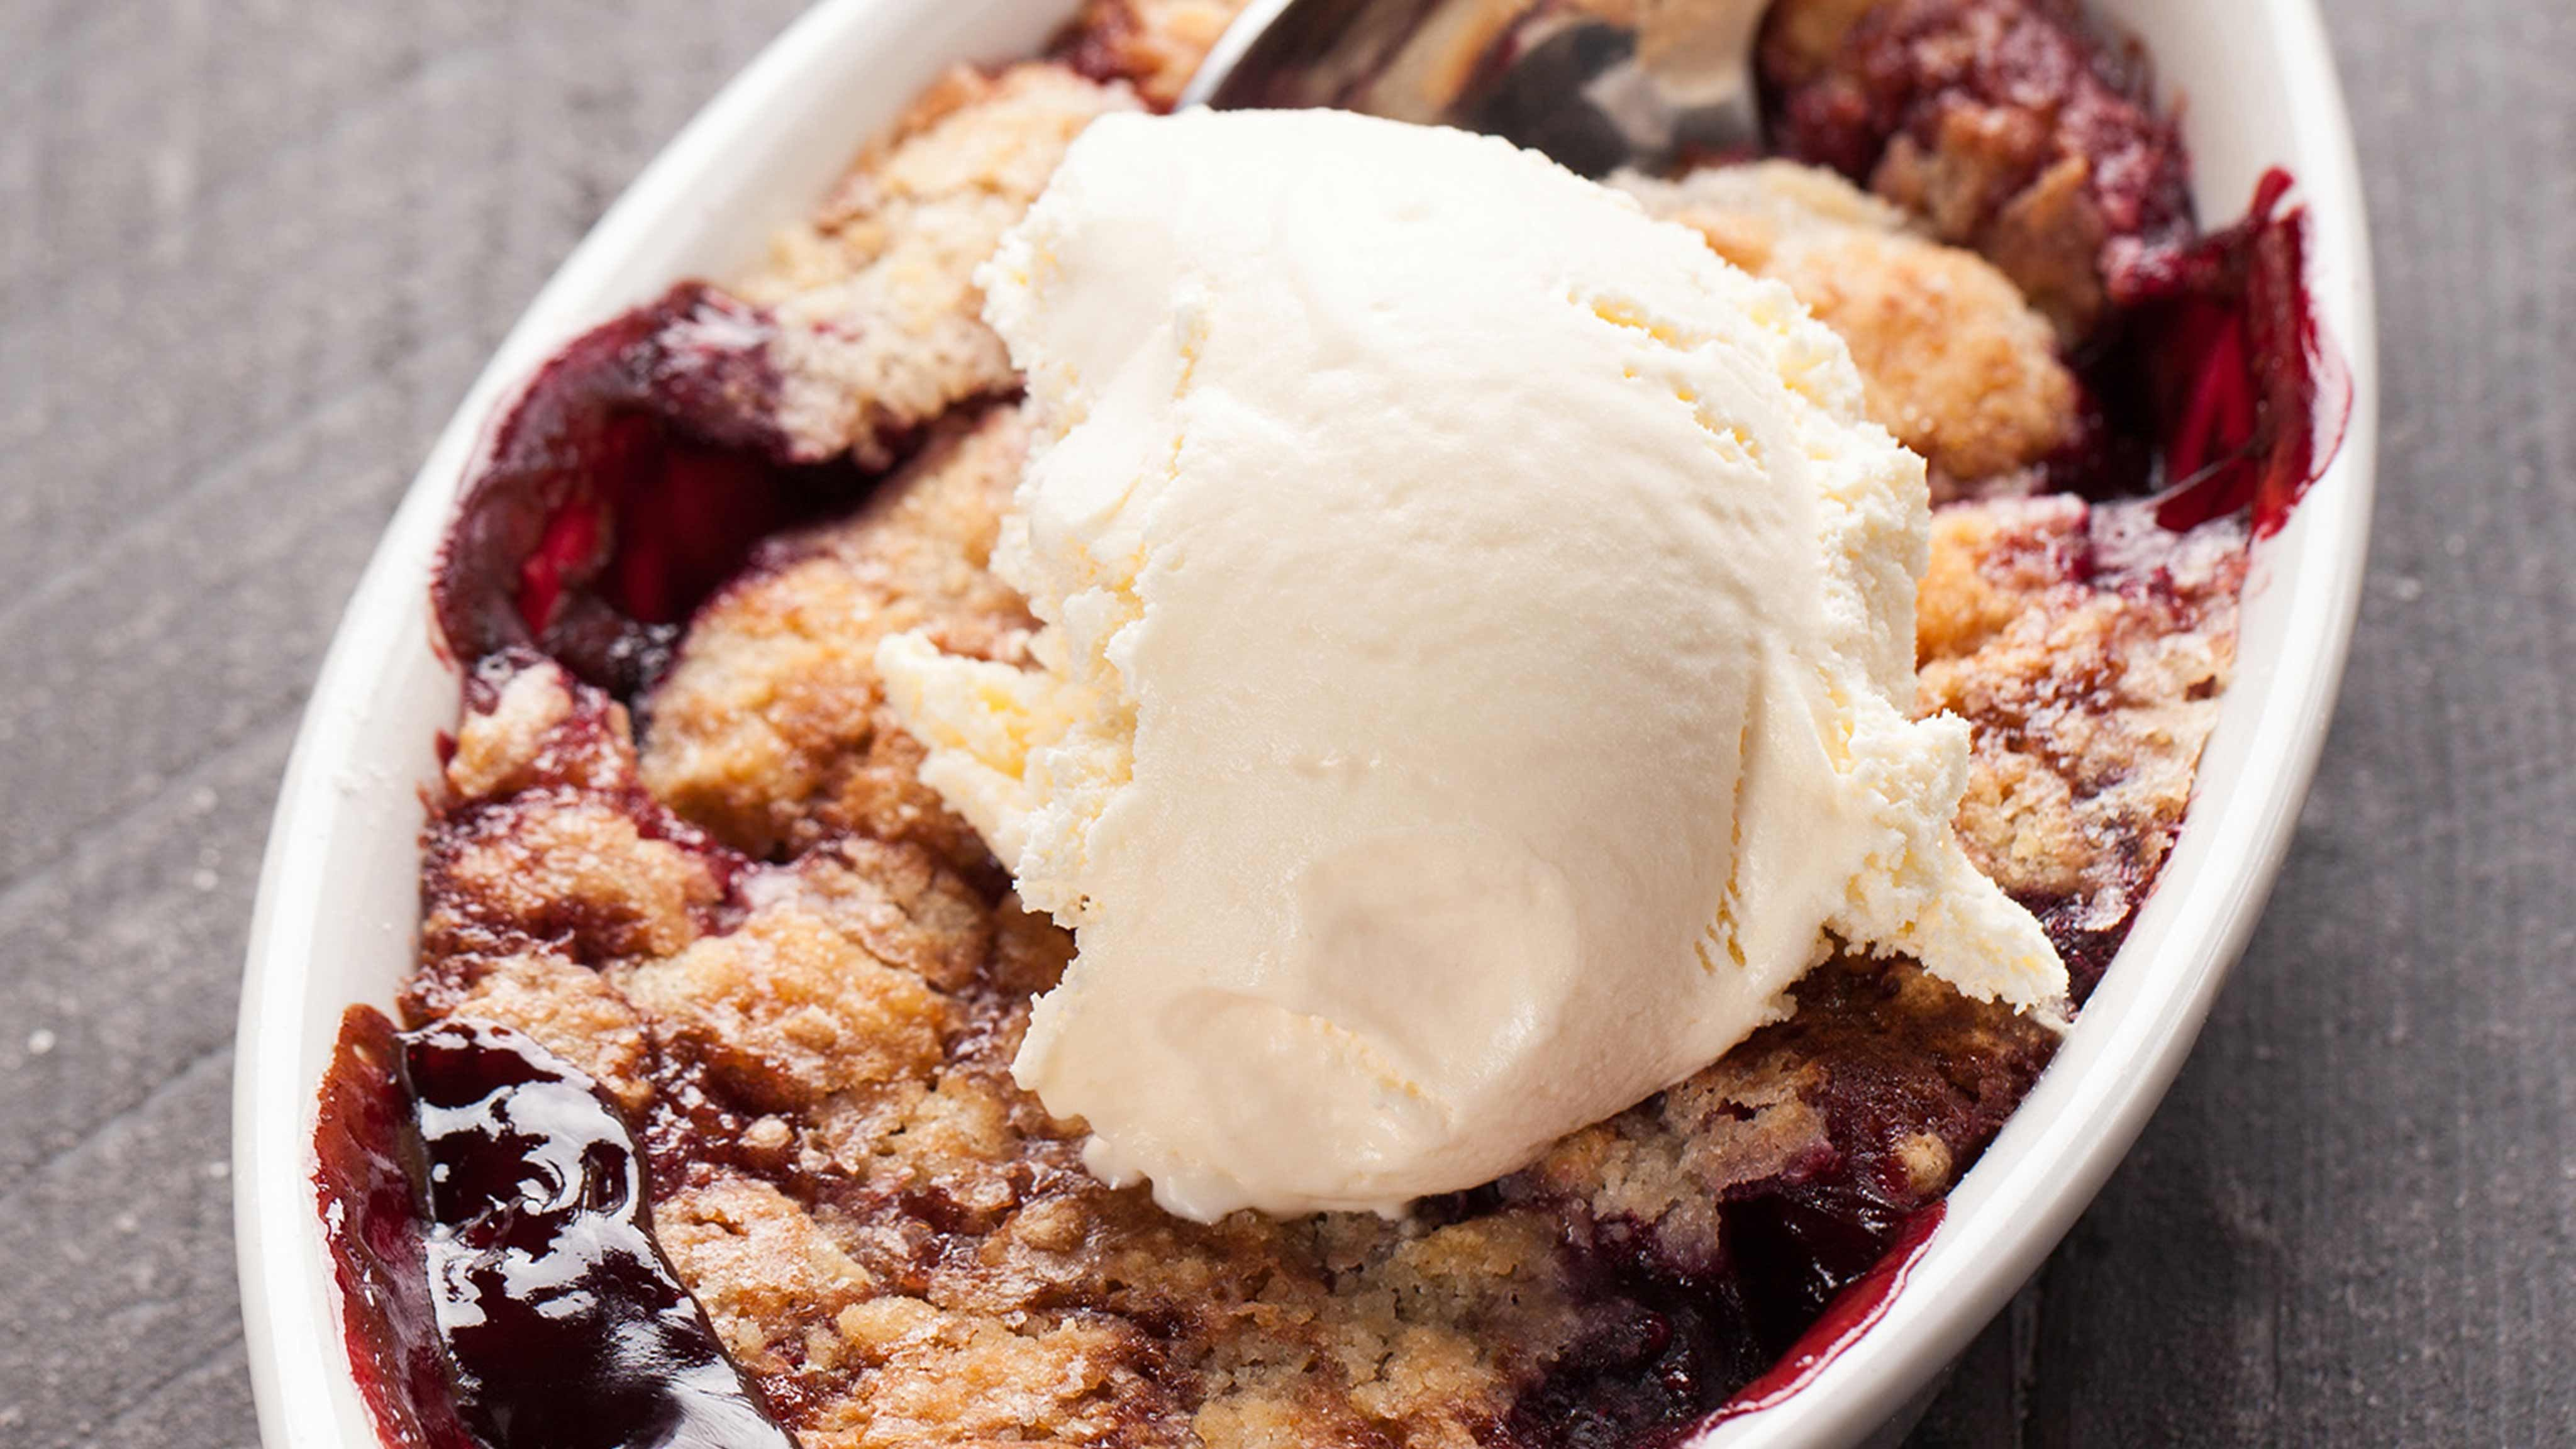 how to freeze blackberries for cobbler